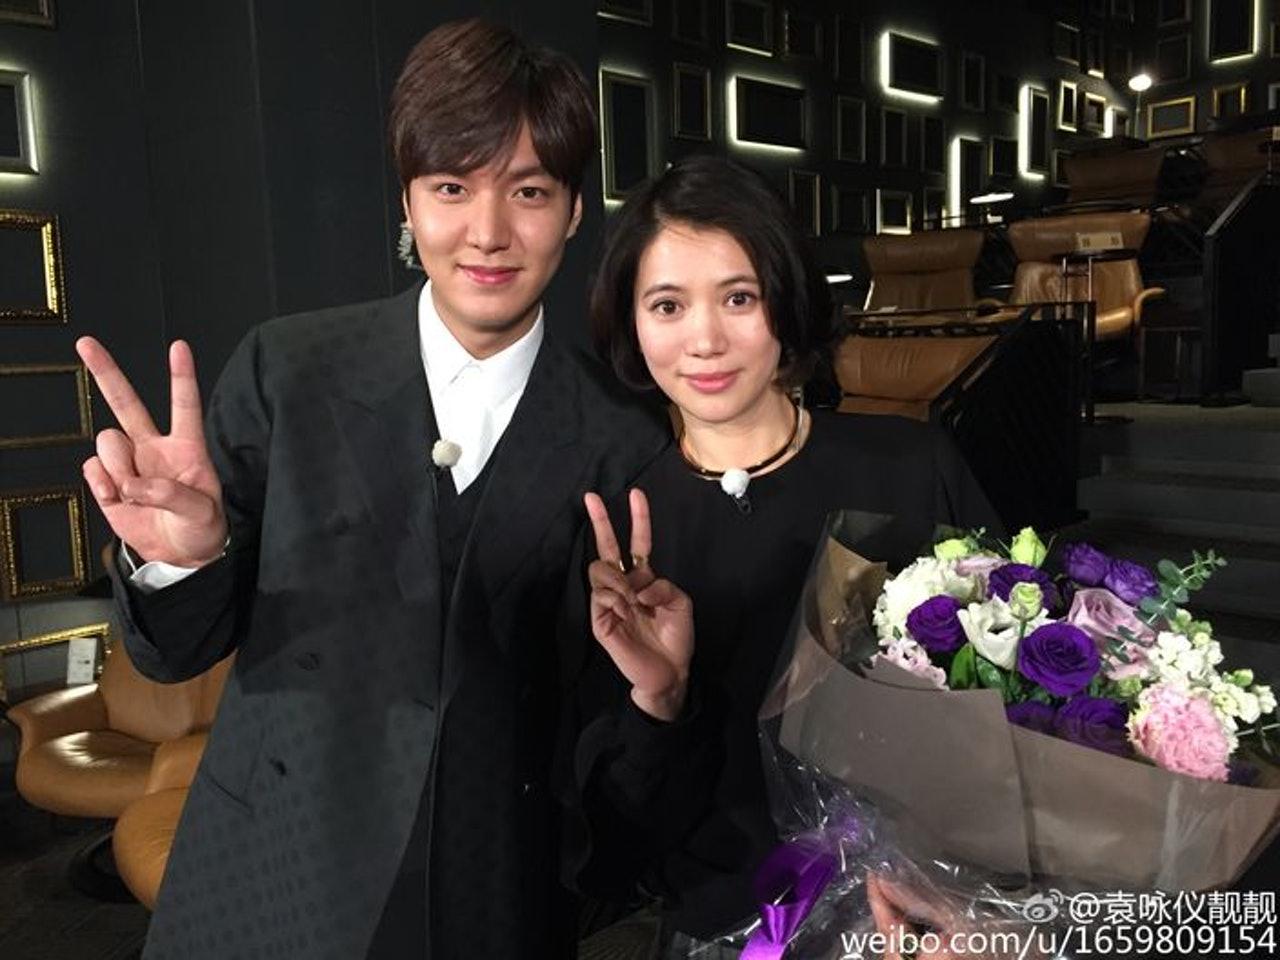 #娱讯#等了两年男神李敏镐终于退伍,袁咏仪展示迷妹一面:期待你的新作!